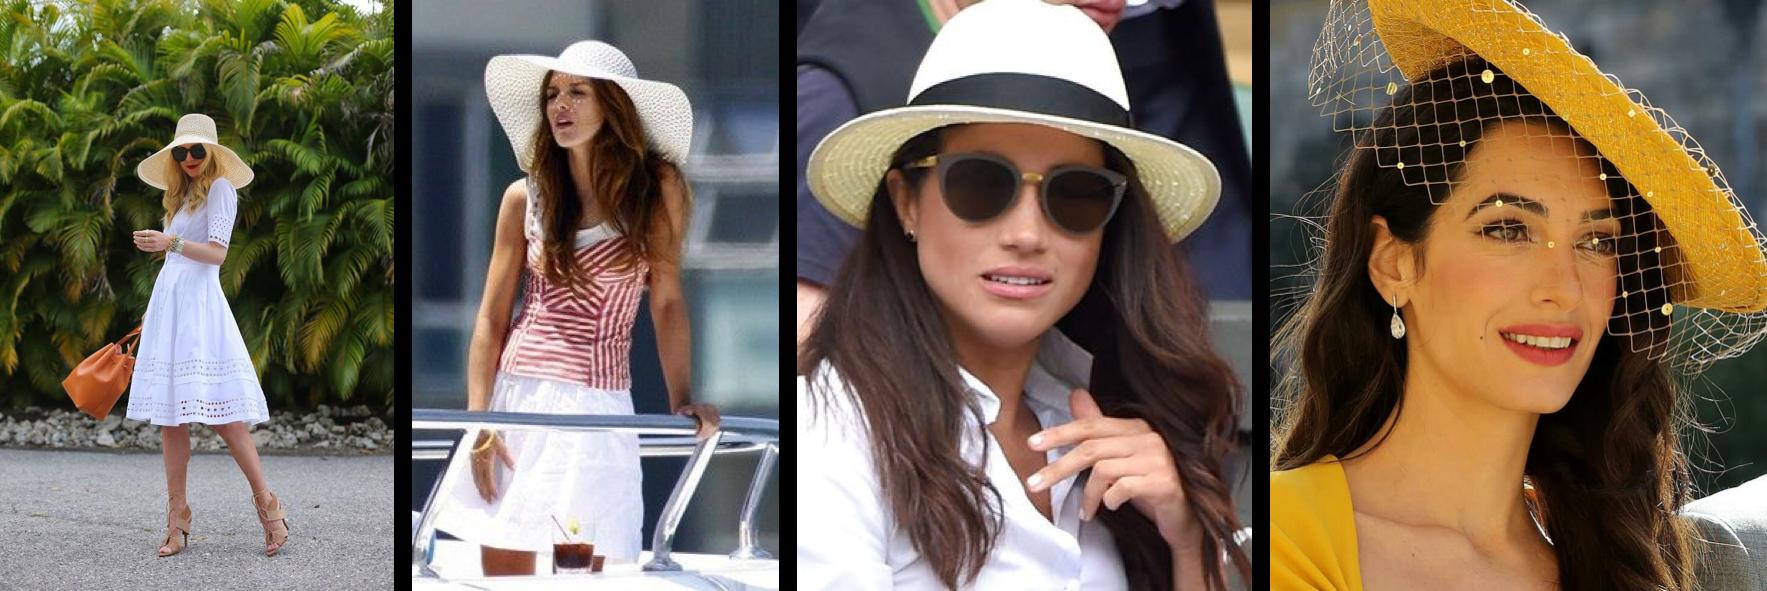 Шляпа как головной убор для королевской свадьбы или уимблдона